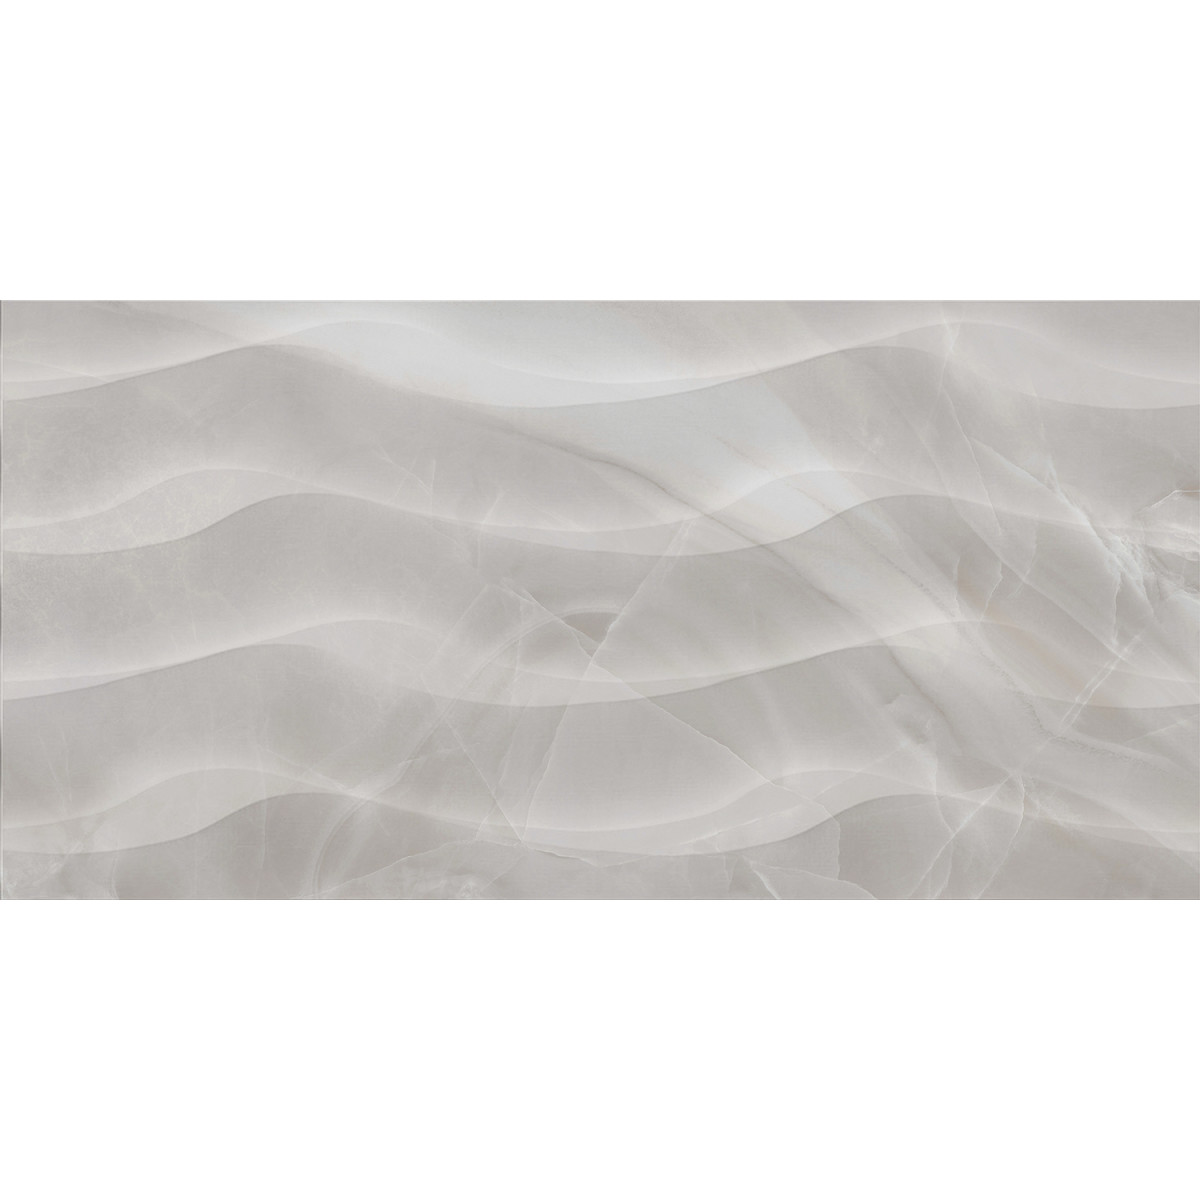 Плитка настенная Lazurro Fusion 30х60 см 1.44 м² цвет бежевый